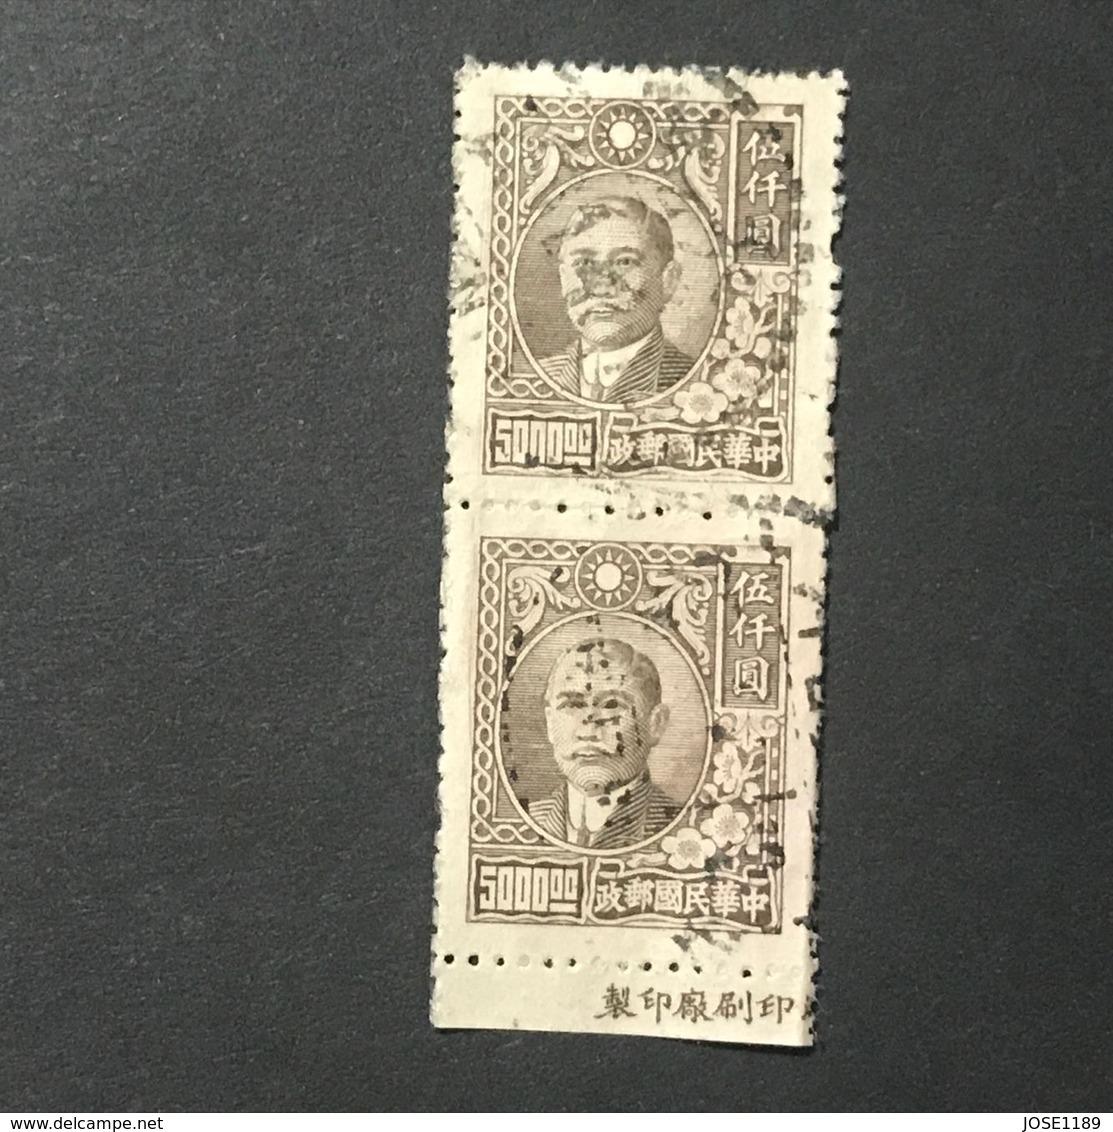 ◆◆◆CHINA 1947  Dr . Sun Yat-Sen  Issue Second Shanghai Dah Tung    $5000  X2     USED  AA2518 - 1912-1949 République